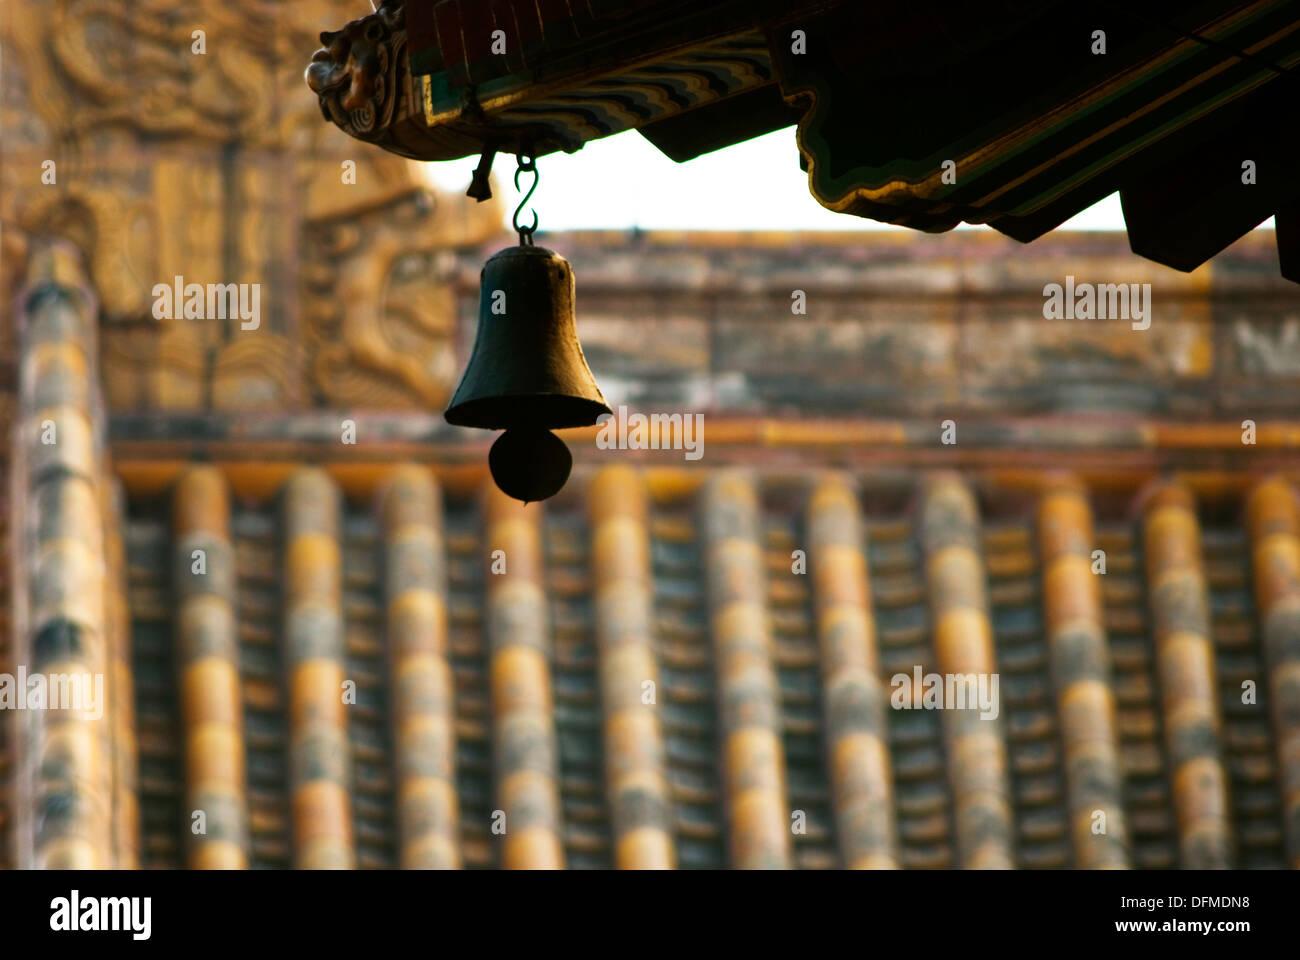 Pequeña campana en el borde de un techo de pagoda, el templo Lama, Beijing, China Foto de stock